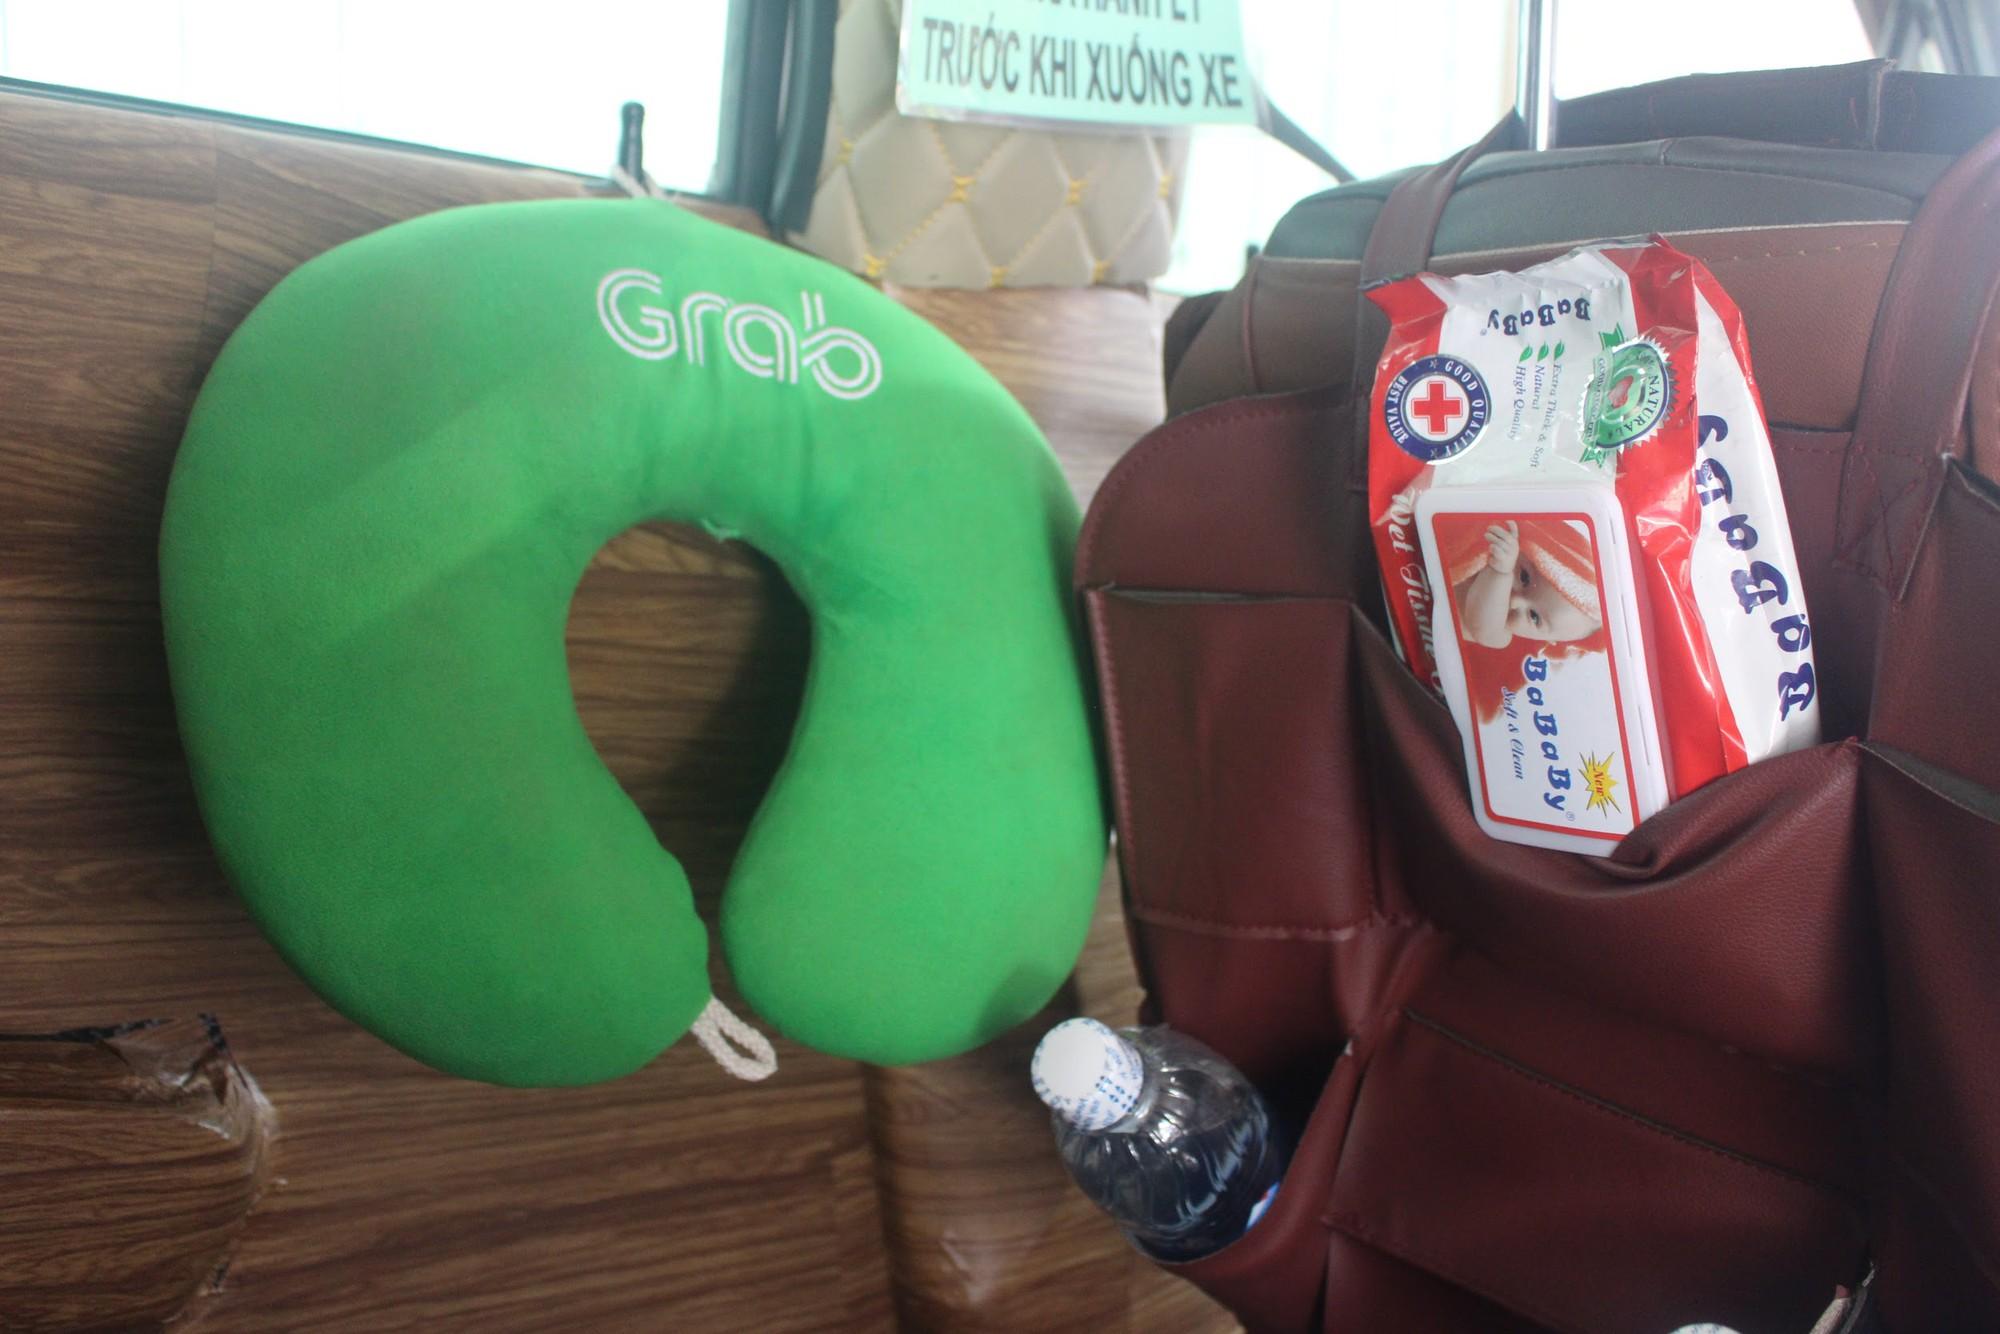 Giữa Sài thành tấp nập, hai chiếc GrabCar chở cả thân thương đón khách - Ảnh 3.